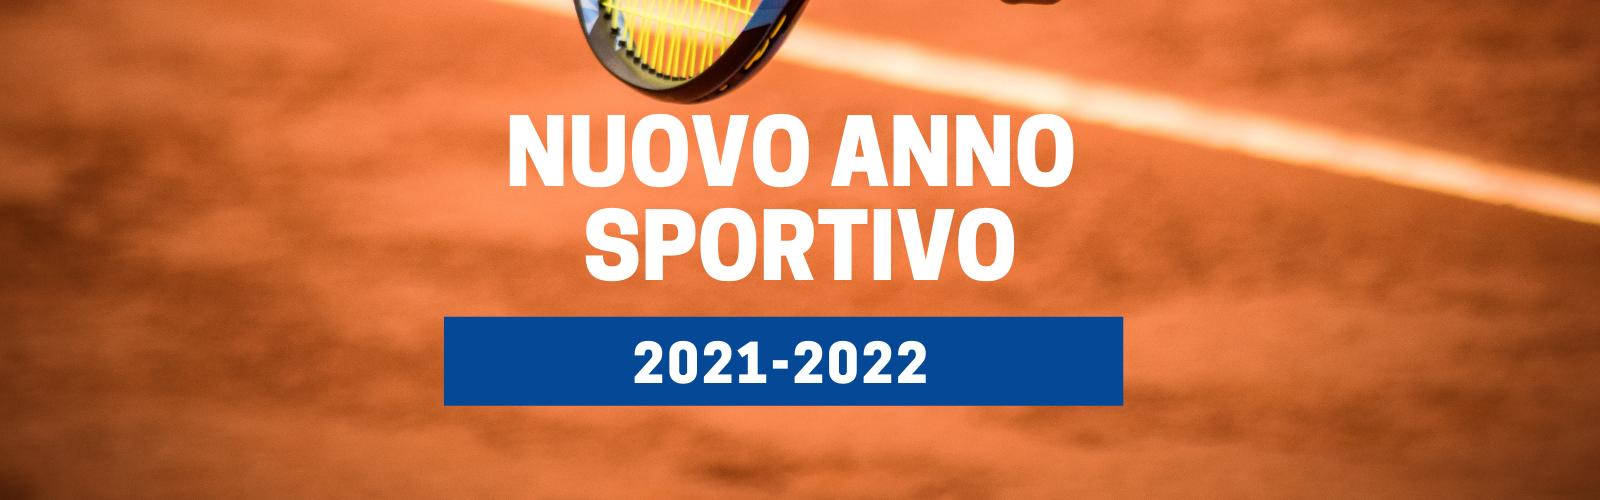 Nuovo anno sportivo 2021/2022